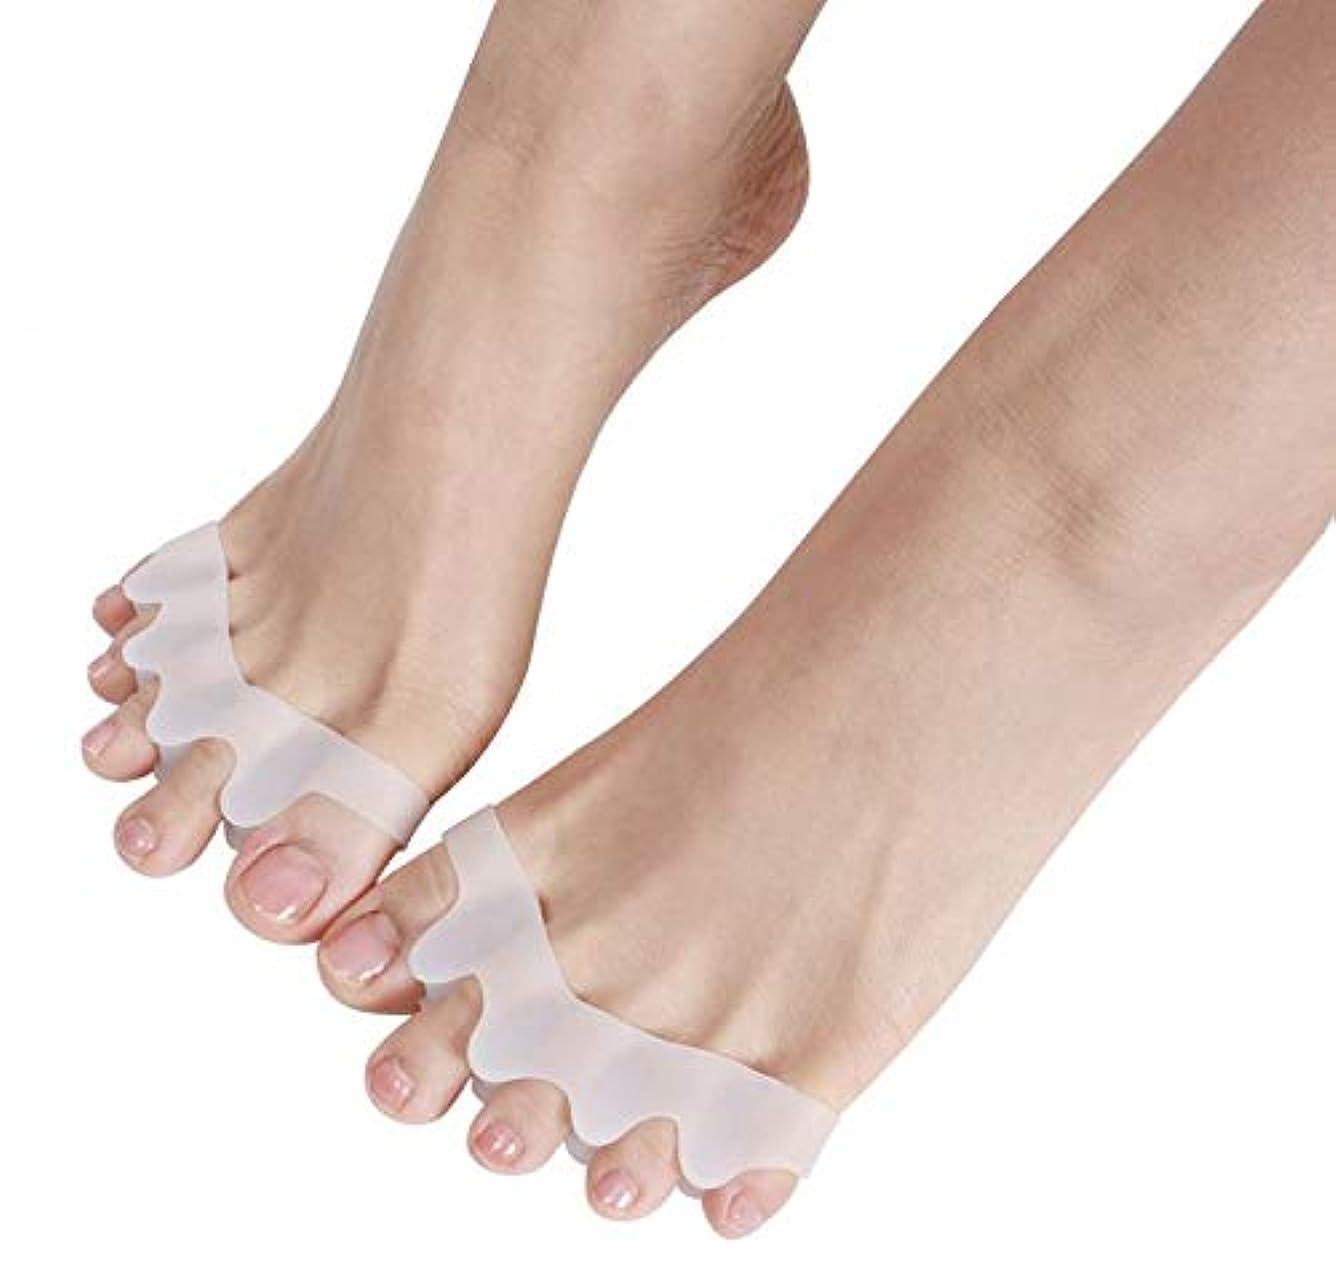 農民赤道マーガレットミッチェルlucrubun 足の痛みの対策 ちゃんとしてますか。 足指矯正パッド 外反母趾 足のゆがみ 男女性兼用 シリコンサポーター 両足セット 足の痛み対策に 足指矯正シリコンサポーター 外反母趾の矯正にも効果的 男女兼用 洗...